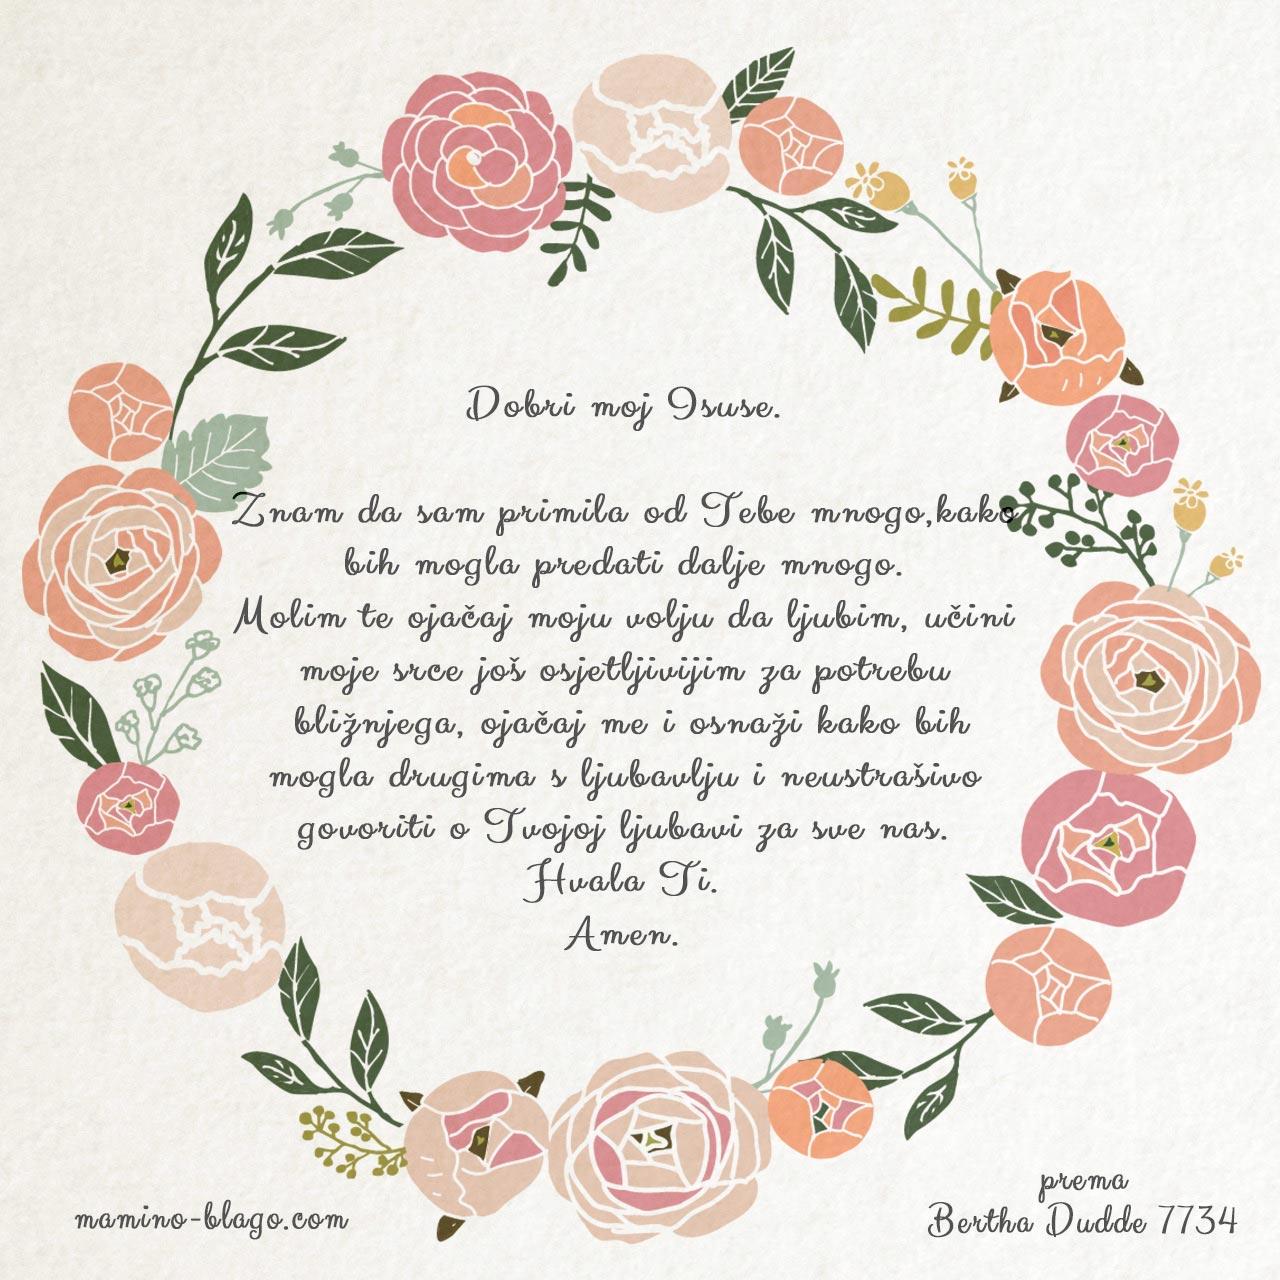 Dnevne-molitve-mamino-blago-pravi-odgovor